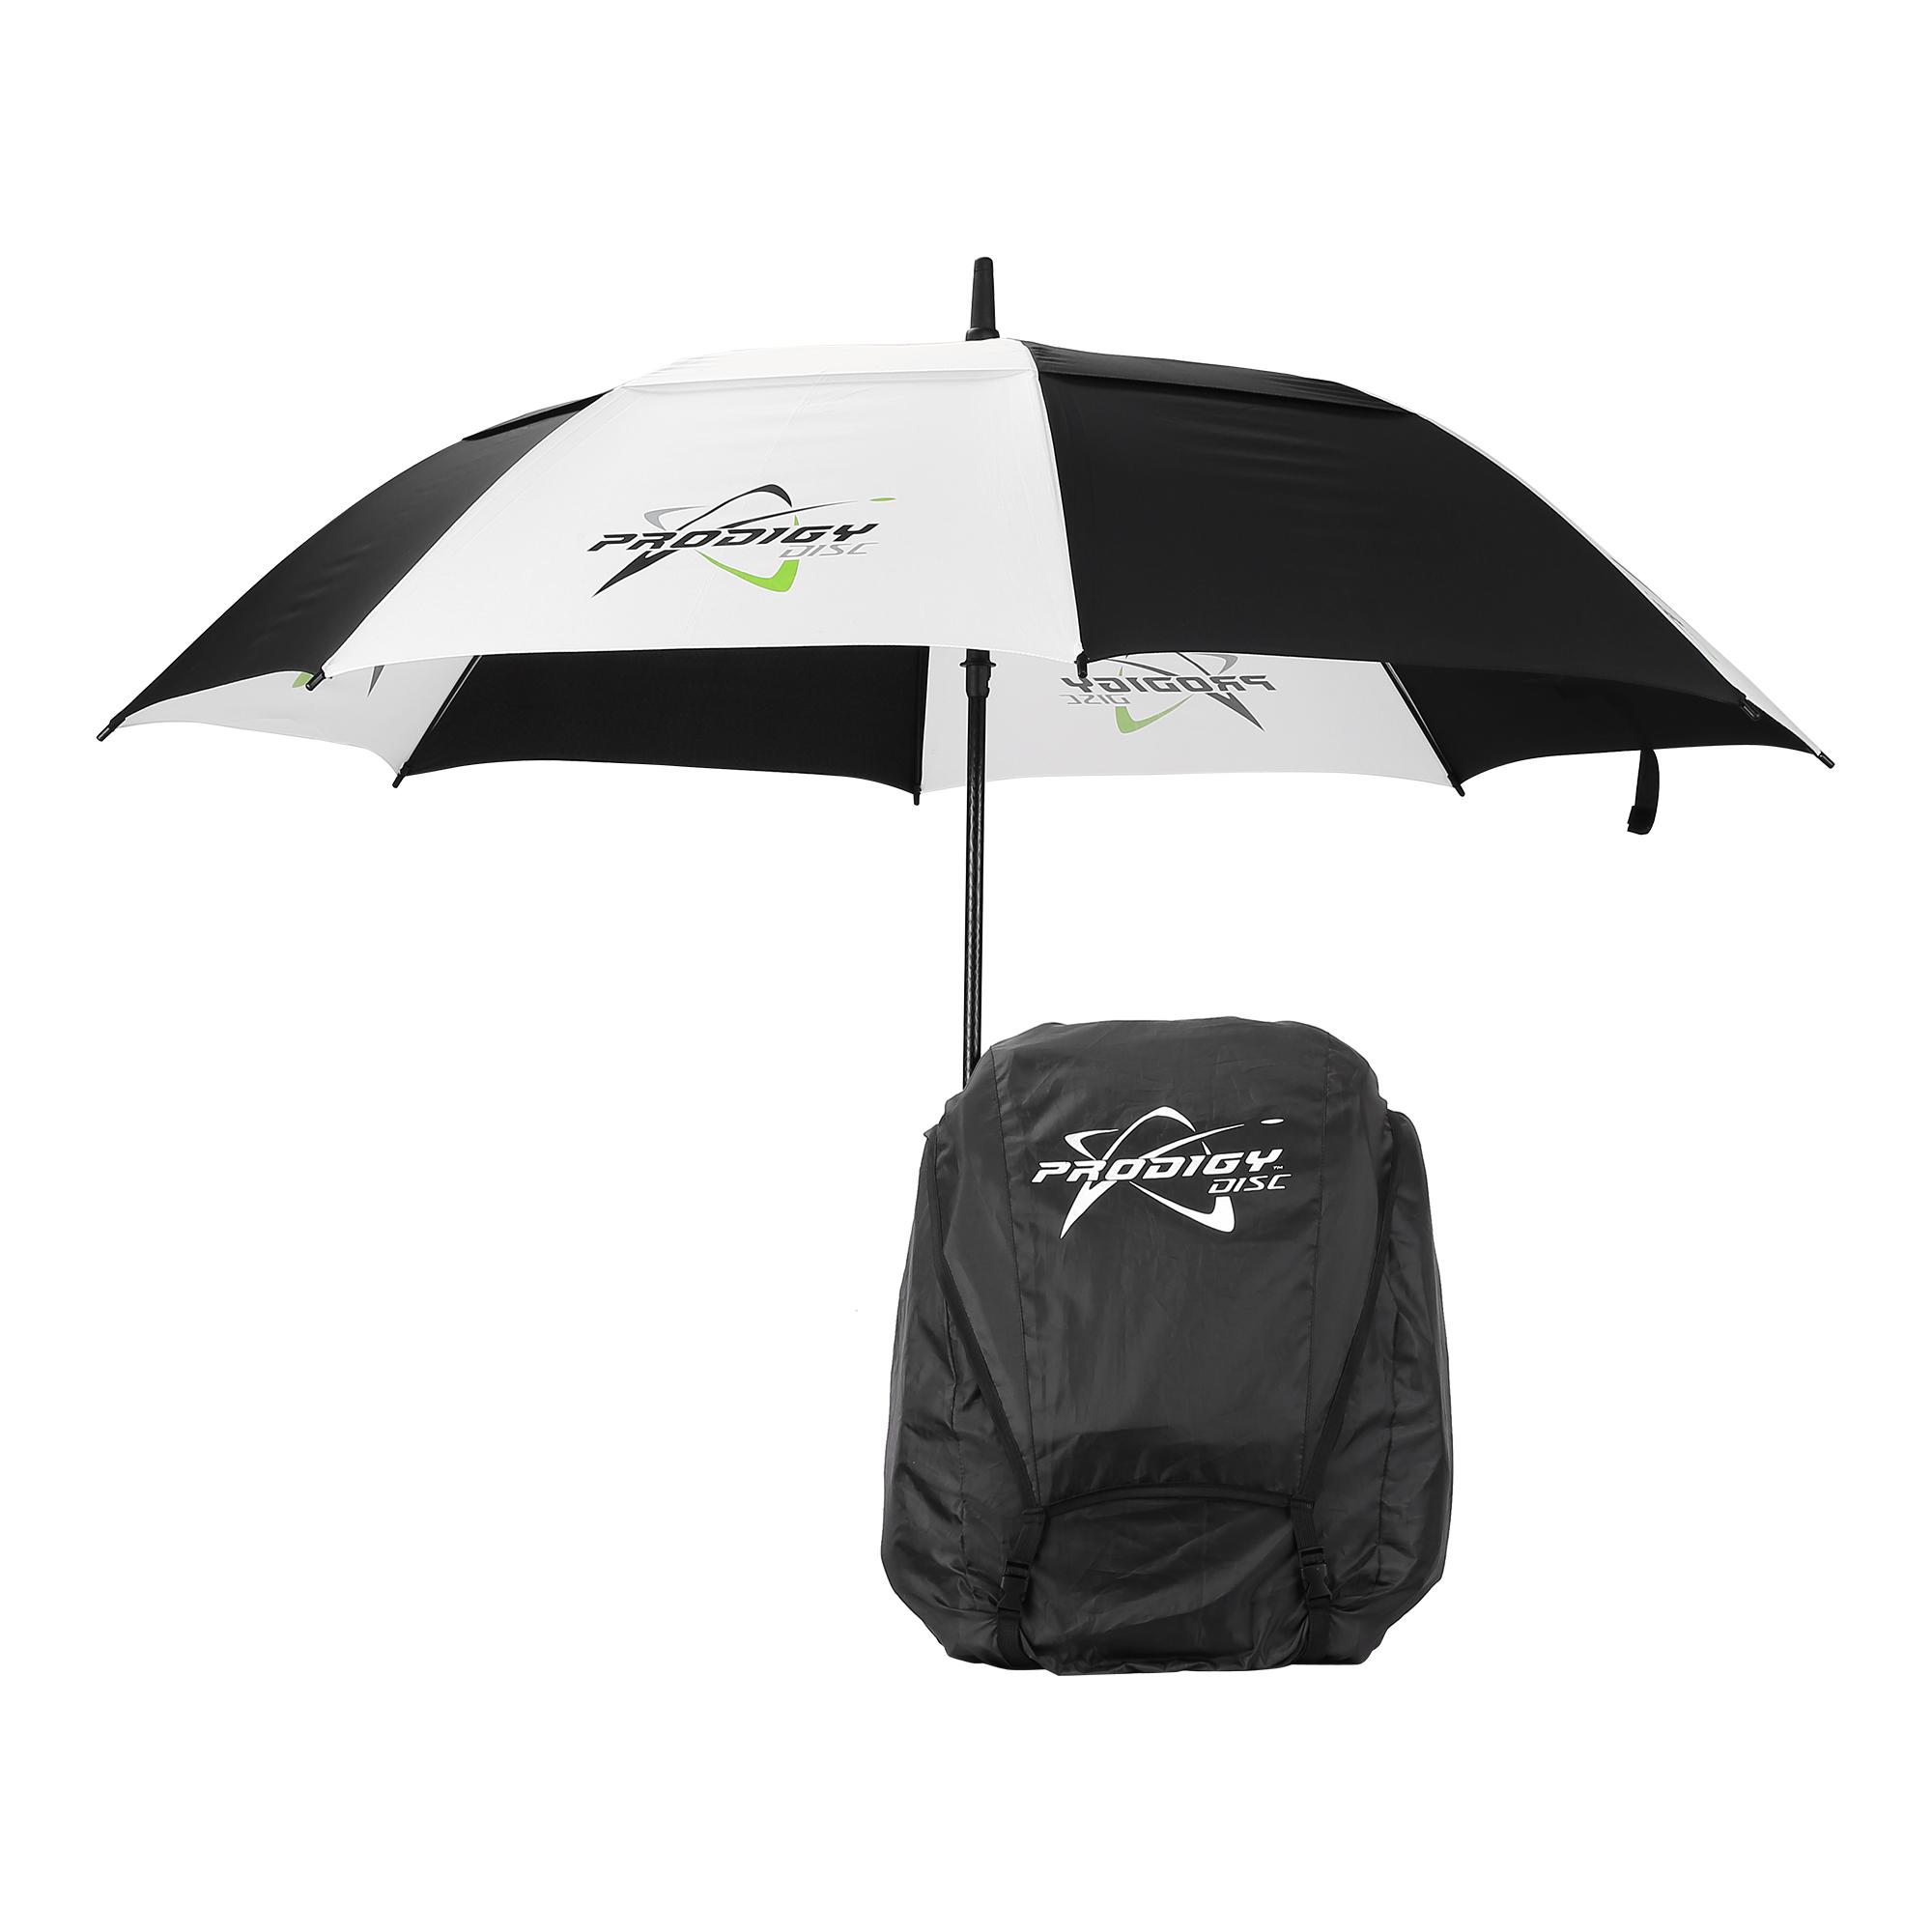 BP-1_V2_Rain_Fly_Umbrella_Open.jpg